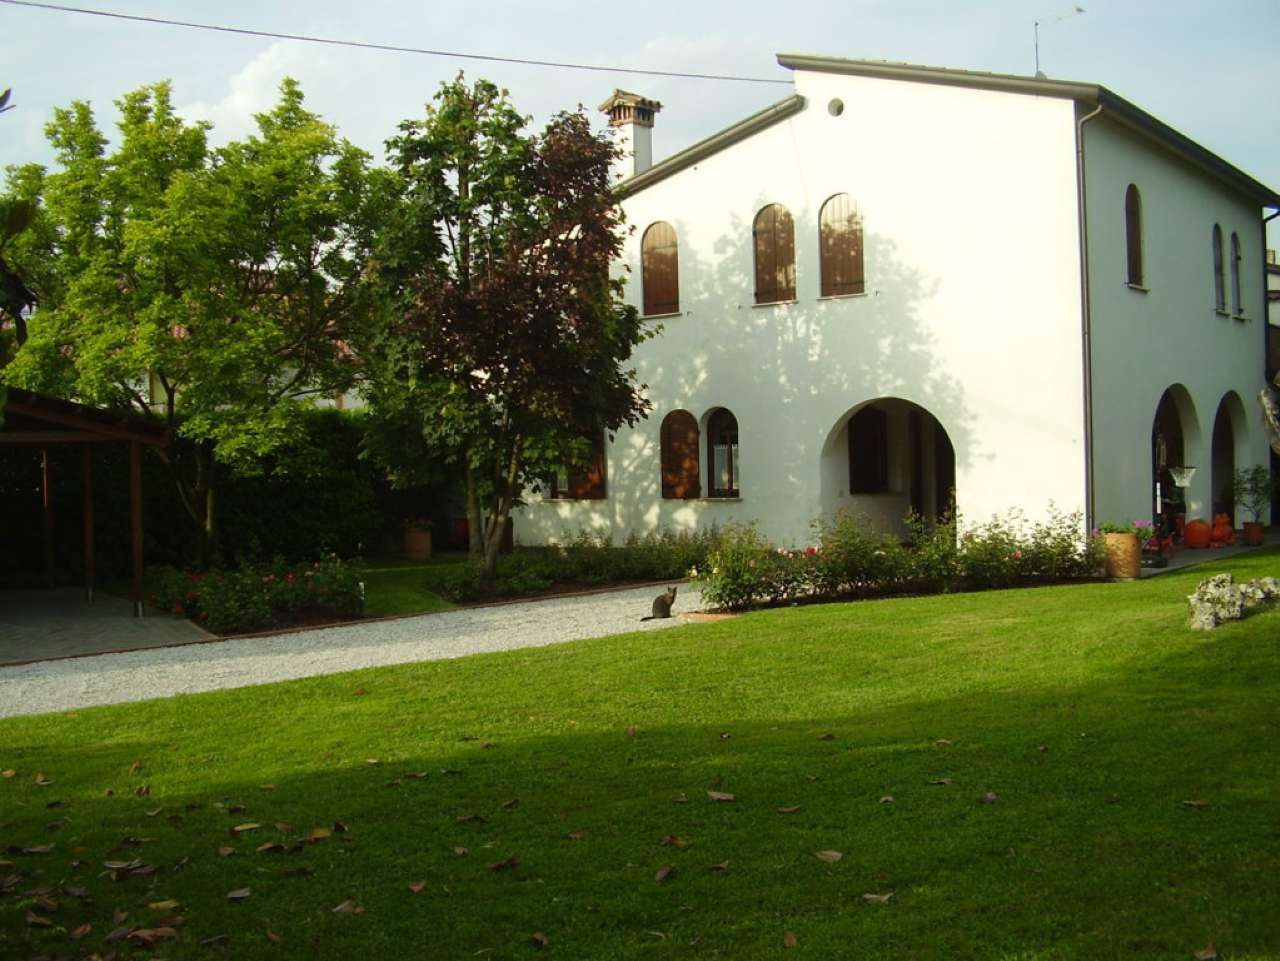 Rustico / Casale in vendita a Grantorto, 16 locali, prezzo € 320.000 | CambioCasa.it